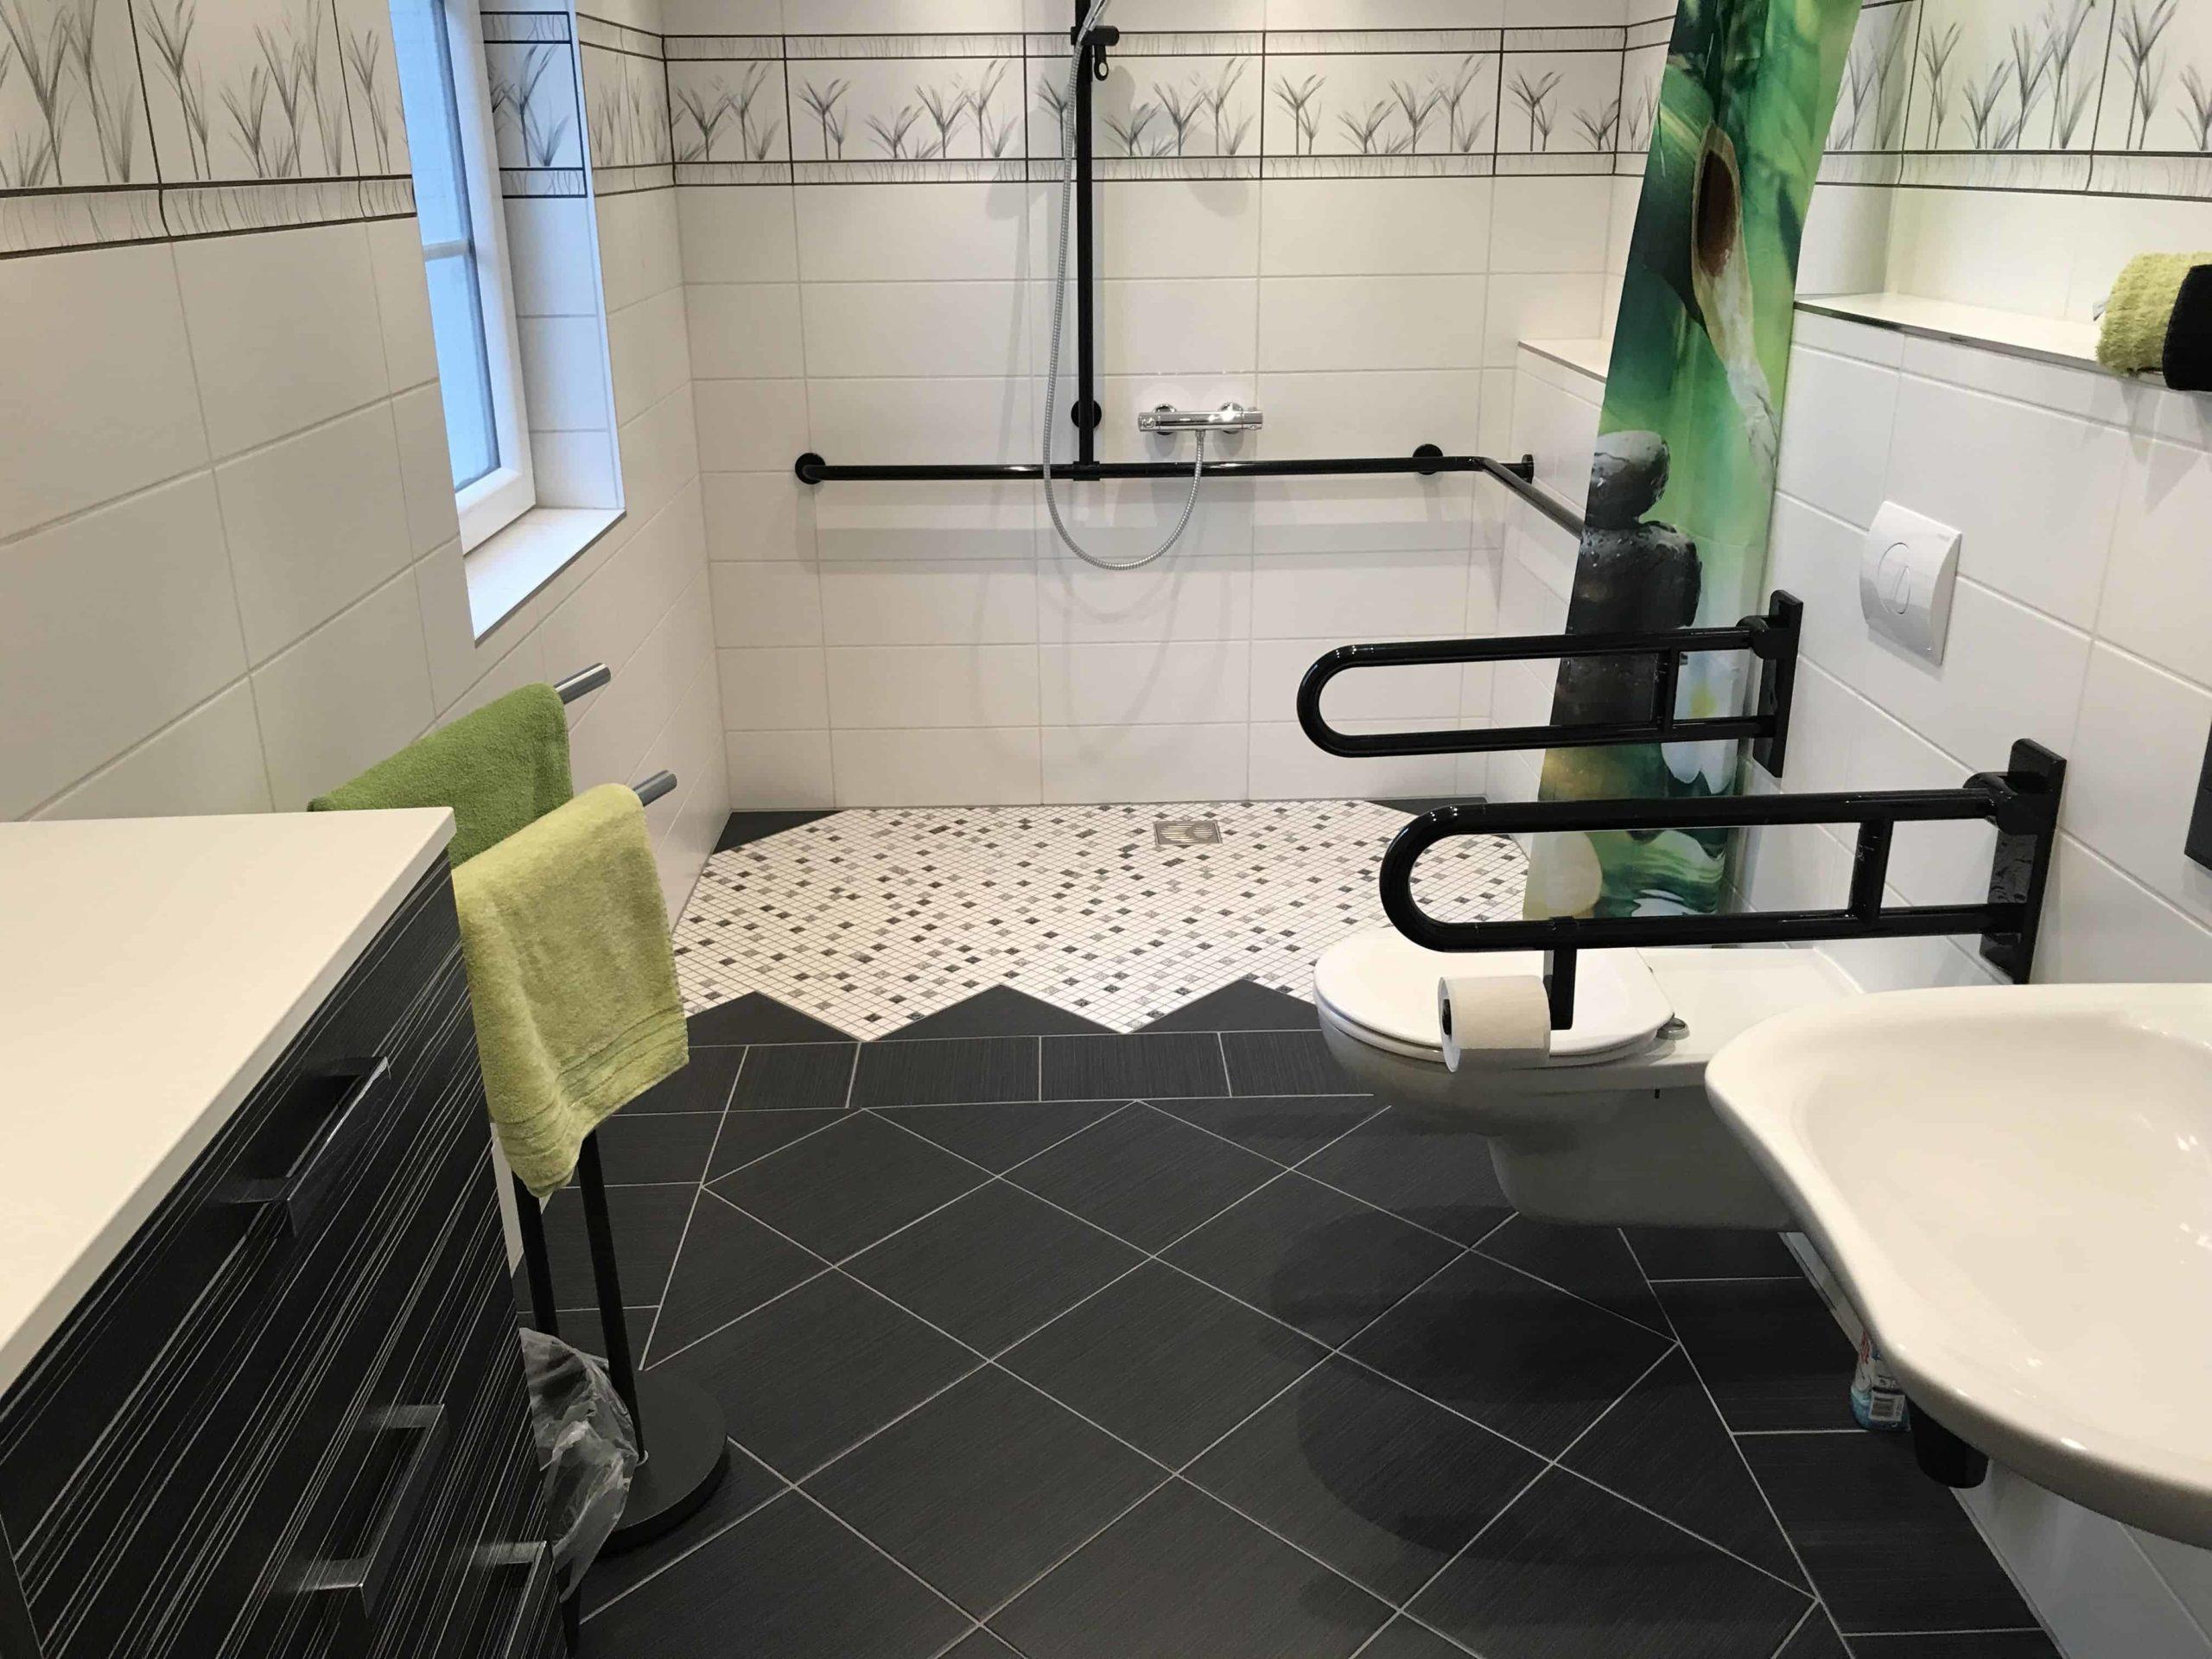 Baño accesible de tonos negro, blanco y verdes. Placa ducha y water con asideros